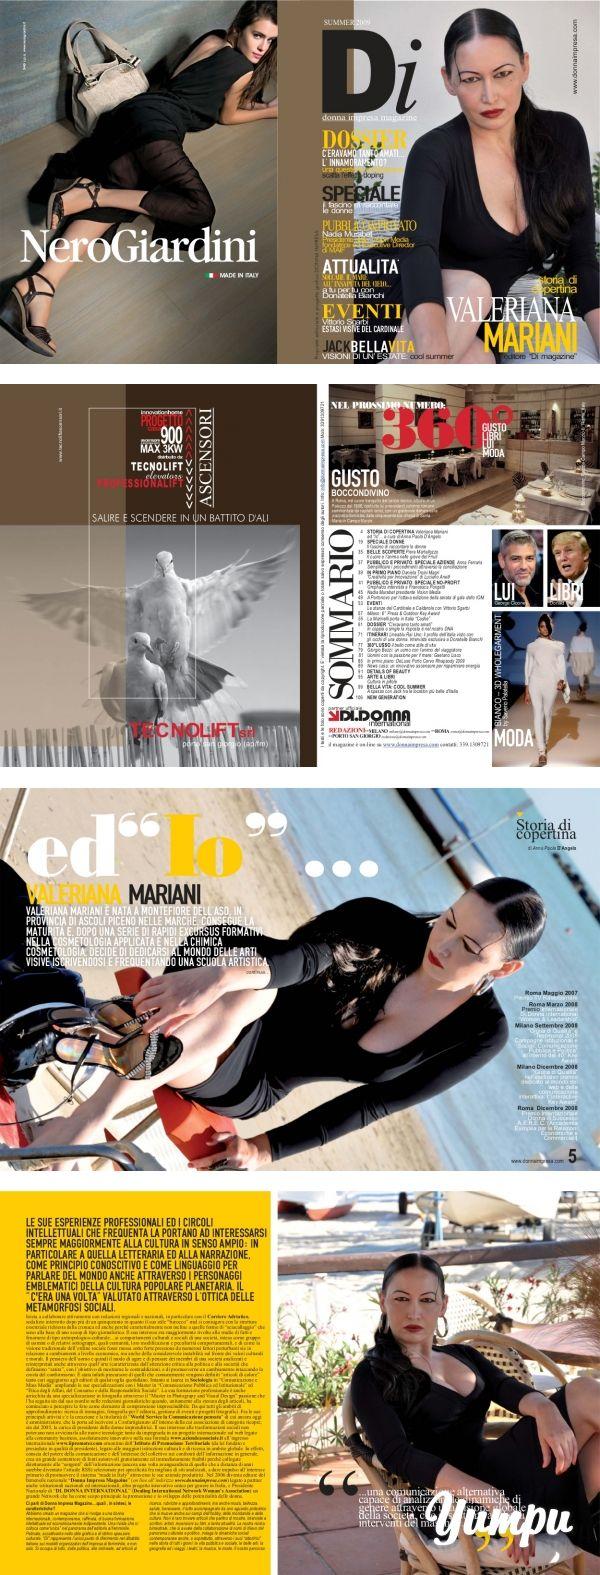 Donna Impresa Magazine COVER Valeriana Mariani Editore e Presidente Di magazine…